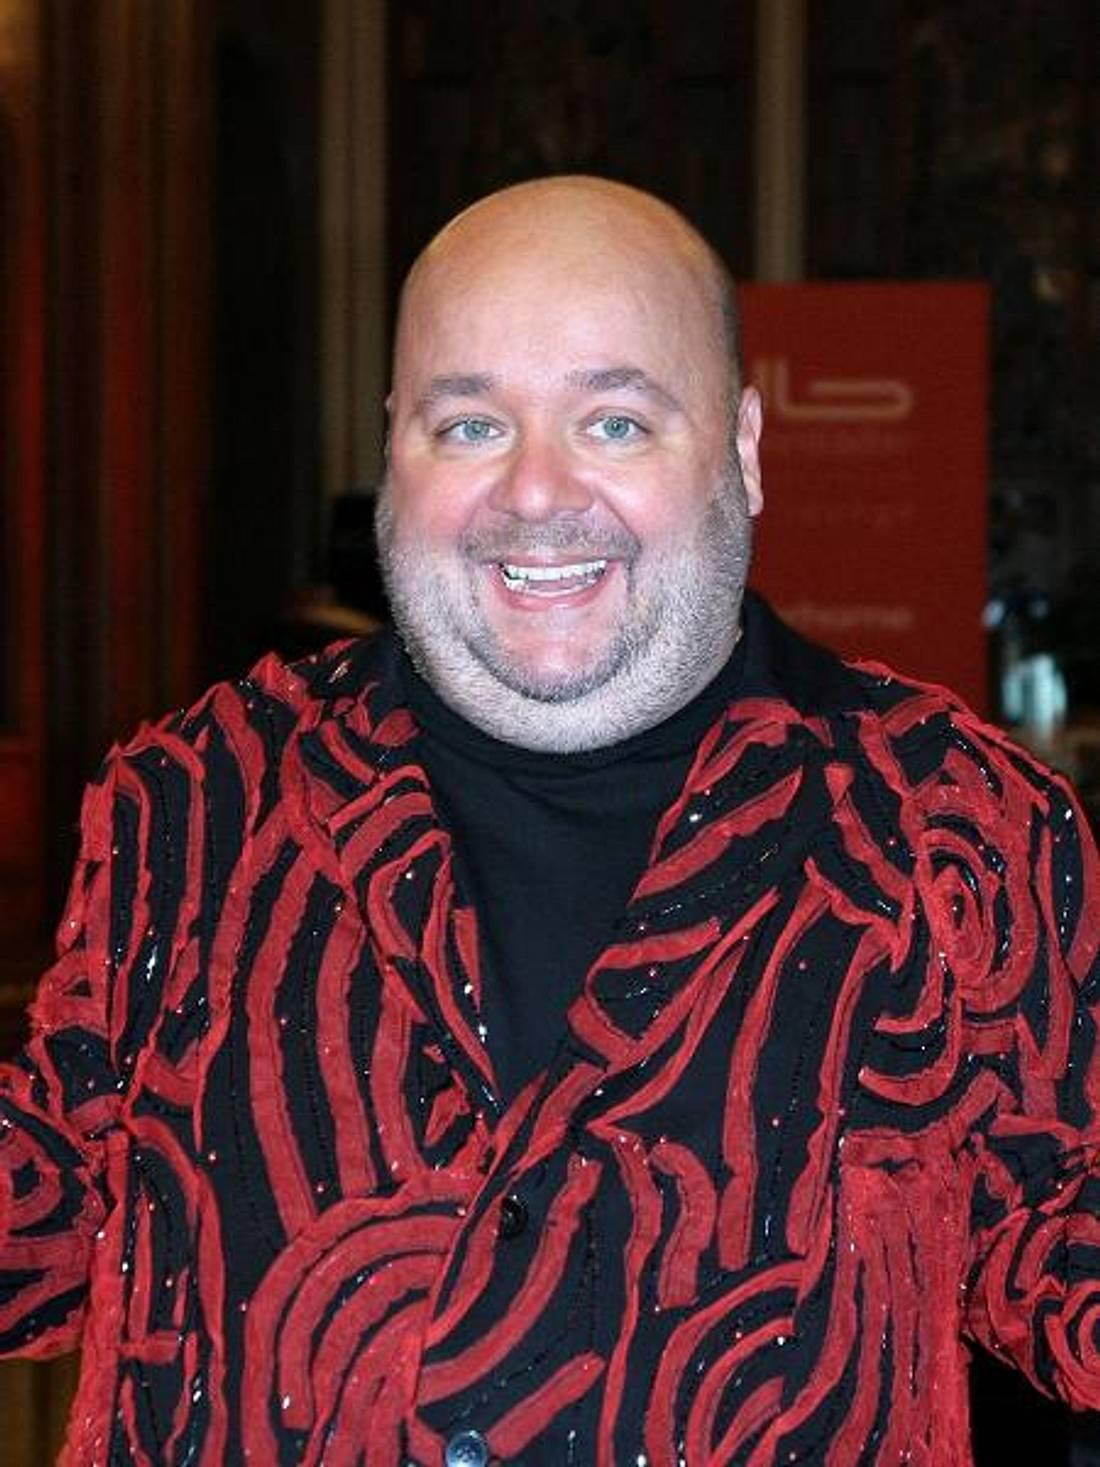 """Die Todesfälle 2012Es war DIE Schocknachricht schlechthin: Am 1. Oktober wurde Dirk Bach (†51) tot in seinem Berliner Hotelzimmer gefunden. Der Moderator starb völlig überraschend an Herzversagen. """"Wir sind geschockt und in tiefer Trau"""